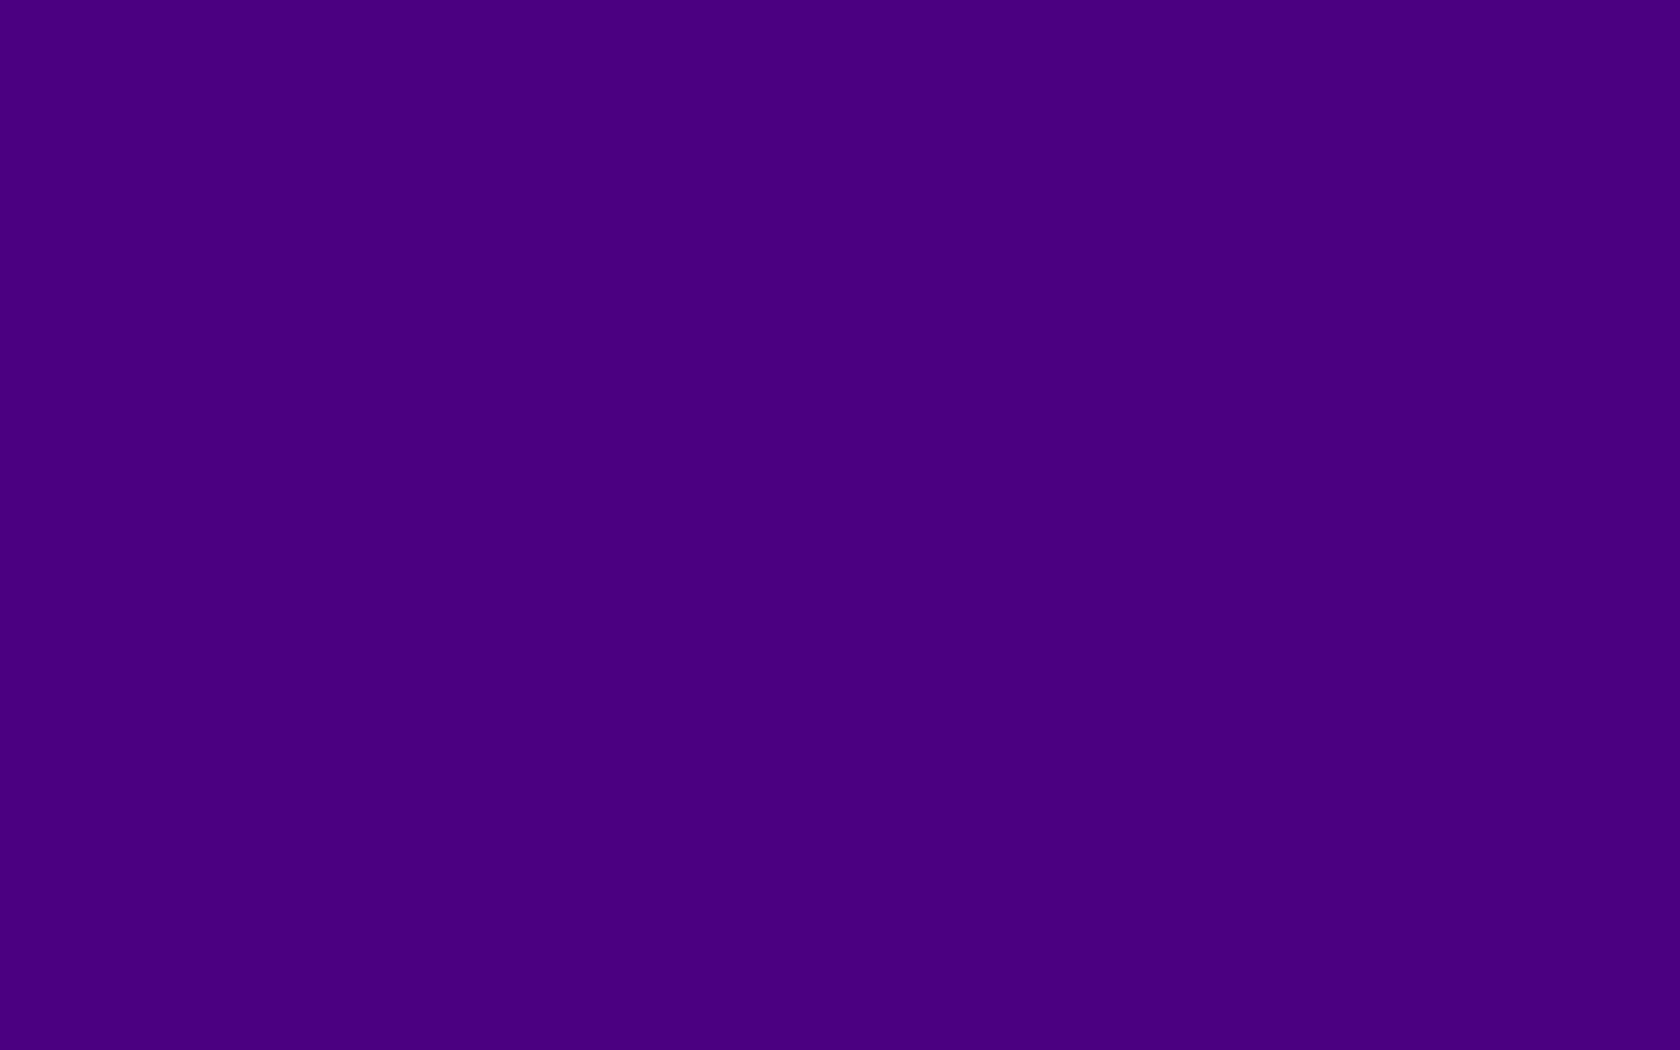 1680x1050 Indigo Web Solid Color Background